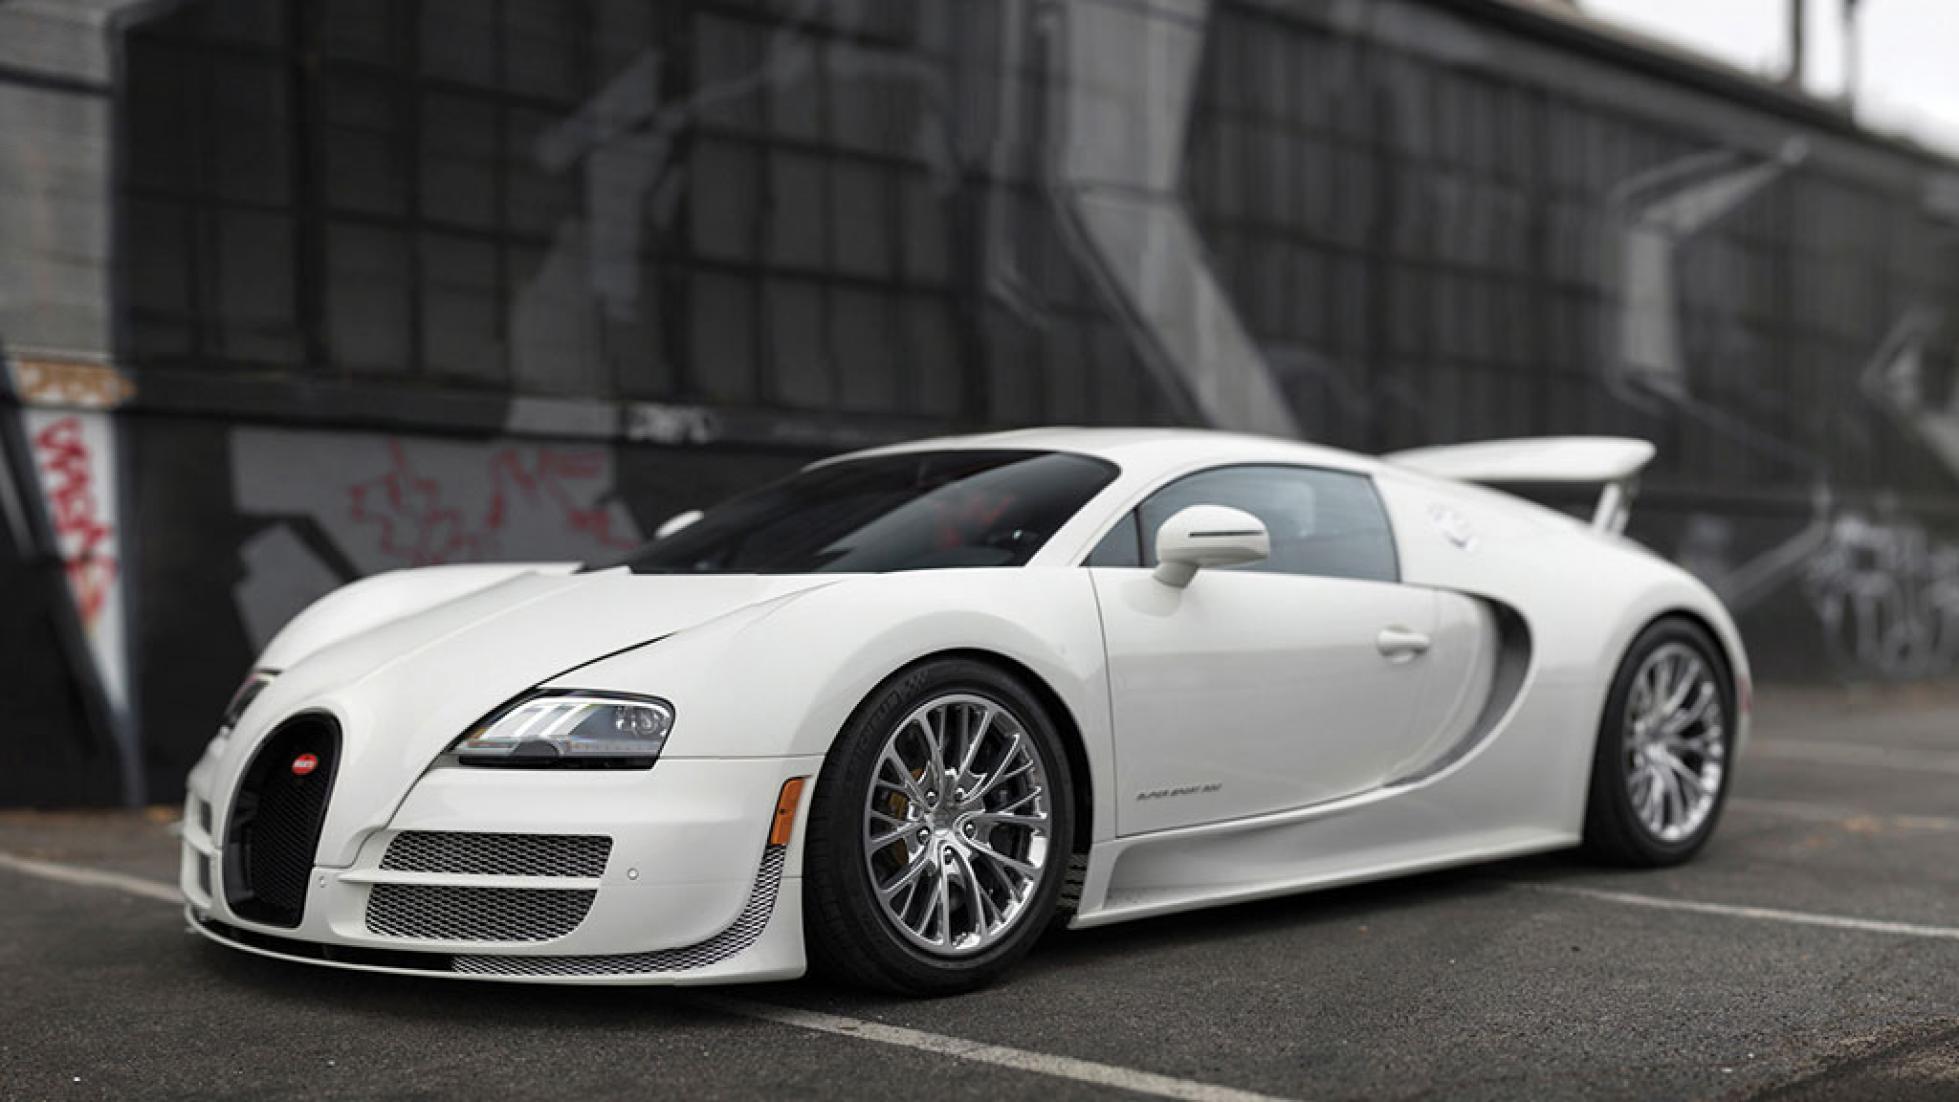 Bugatti Veyron Supersport 300